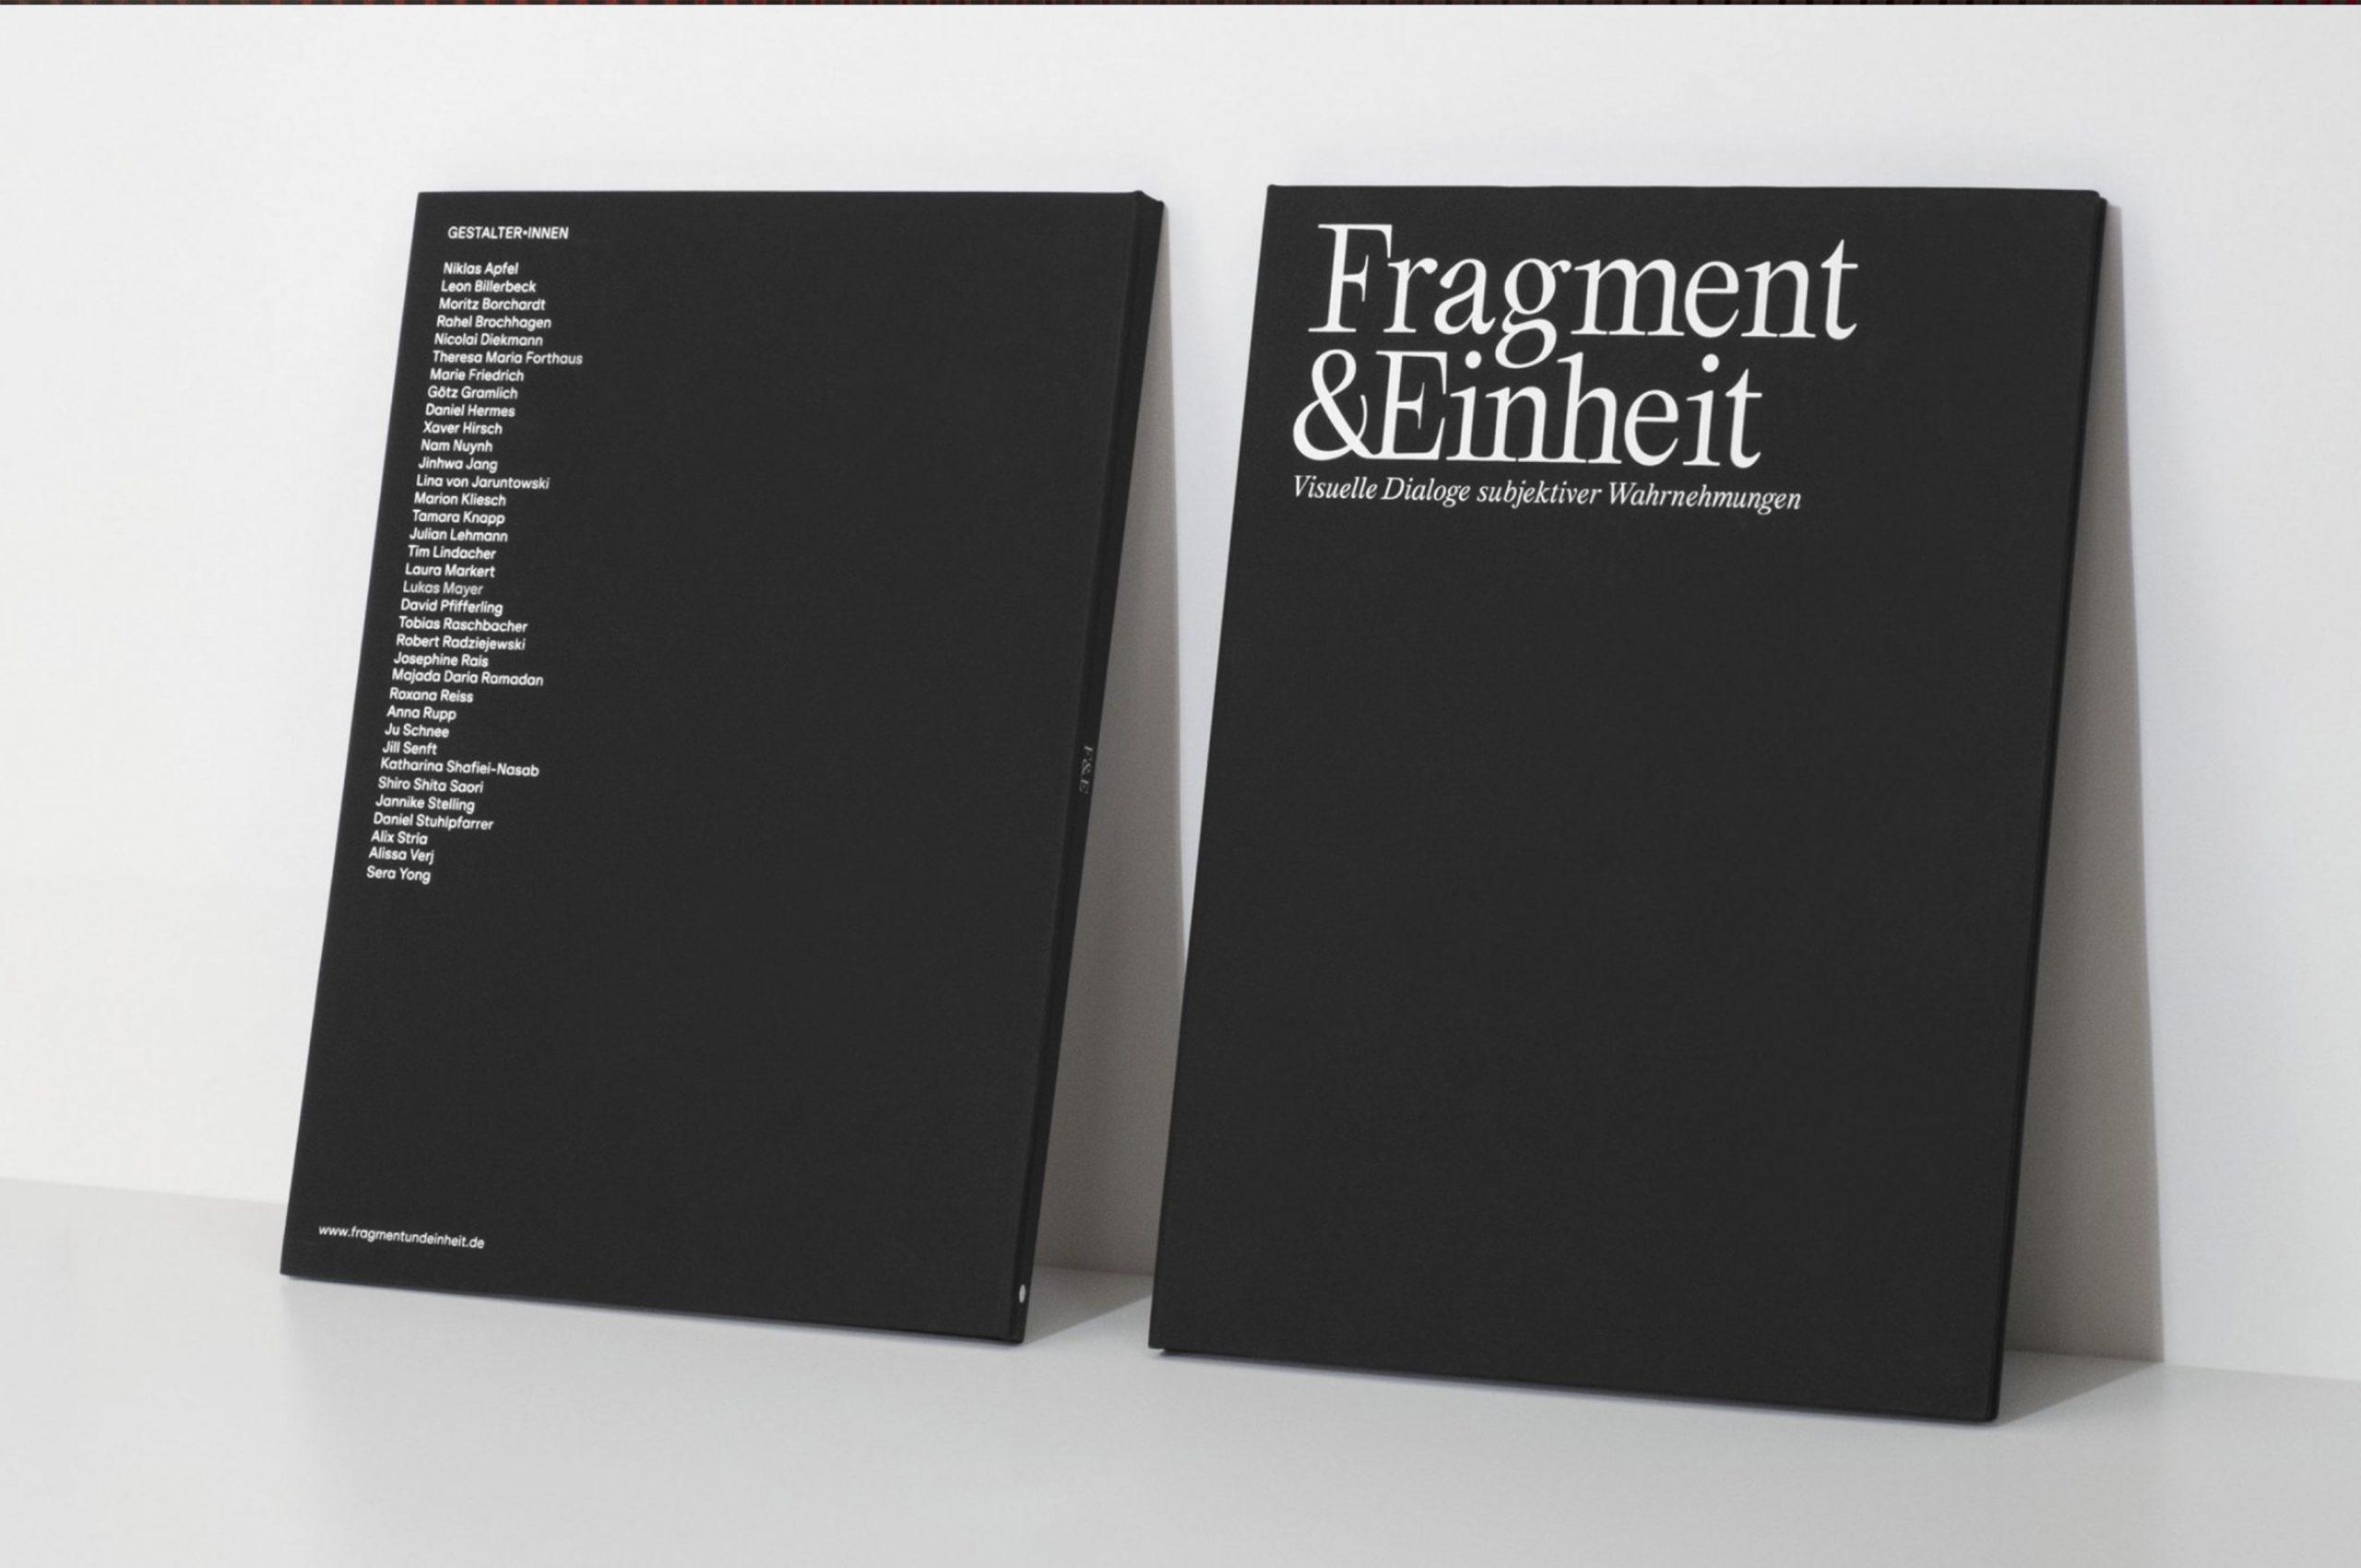 FRAGMENT & EINHEIT